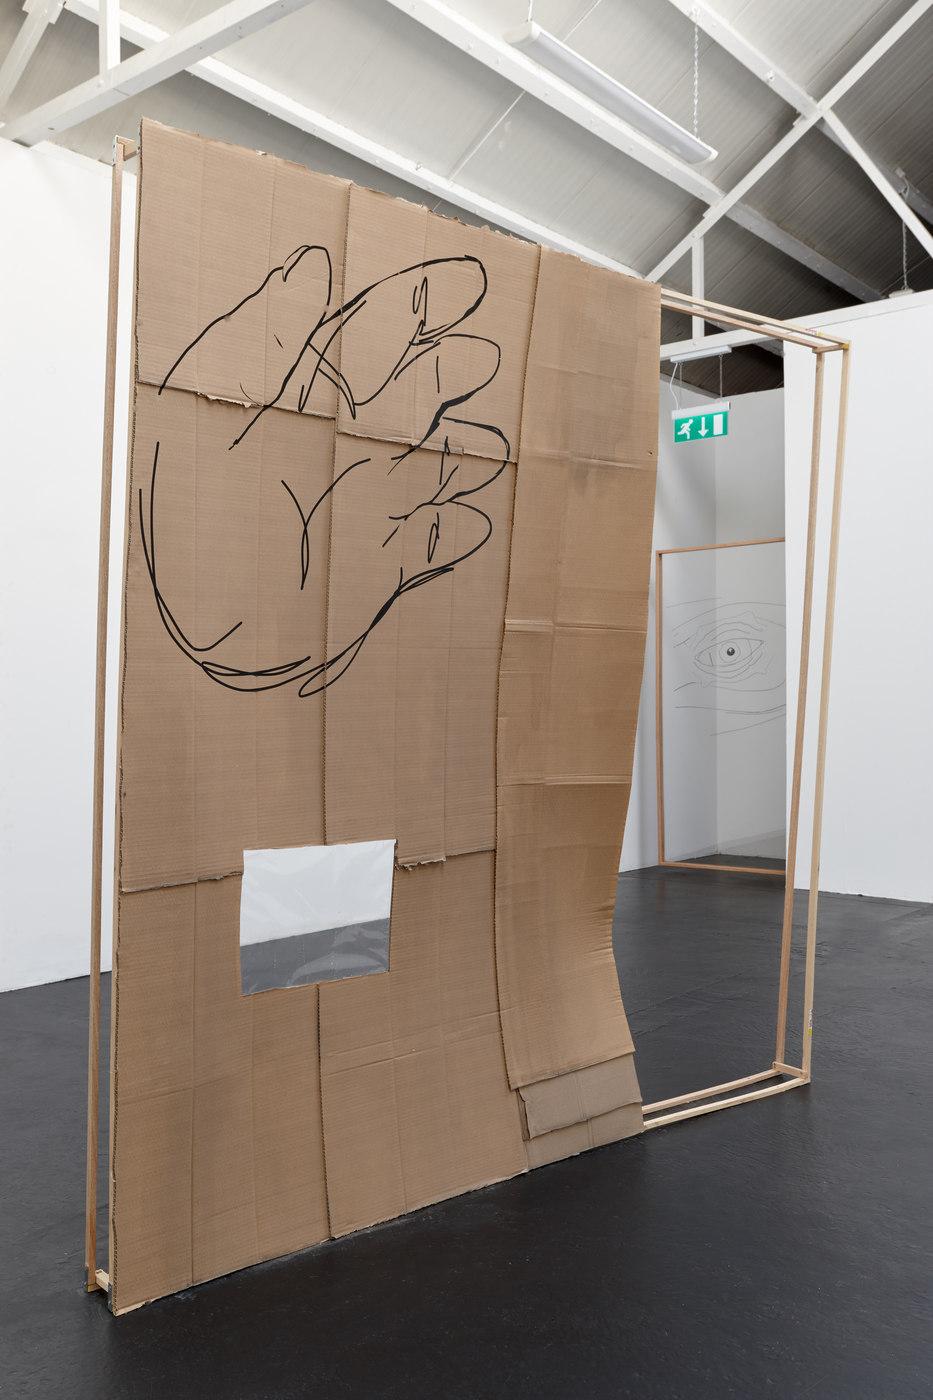 03. Bernhard Hegglin - Bar de Ligne - Installation View III